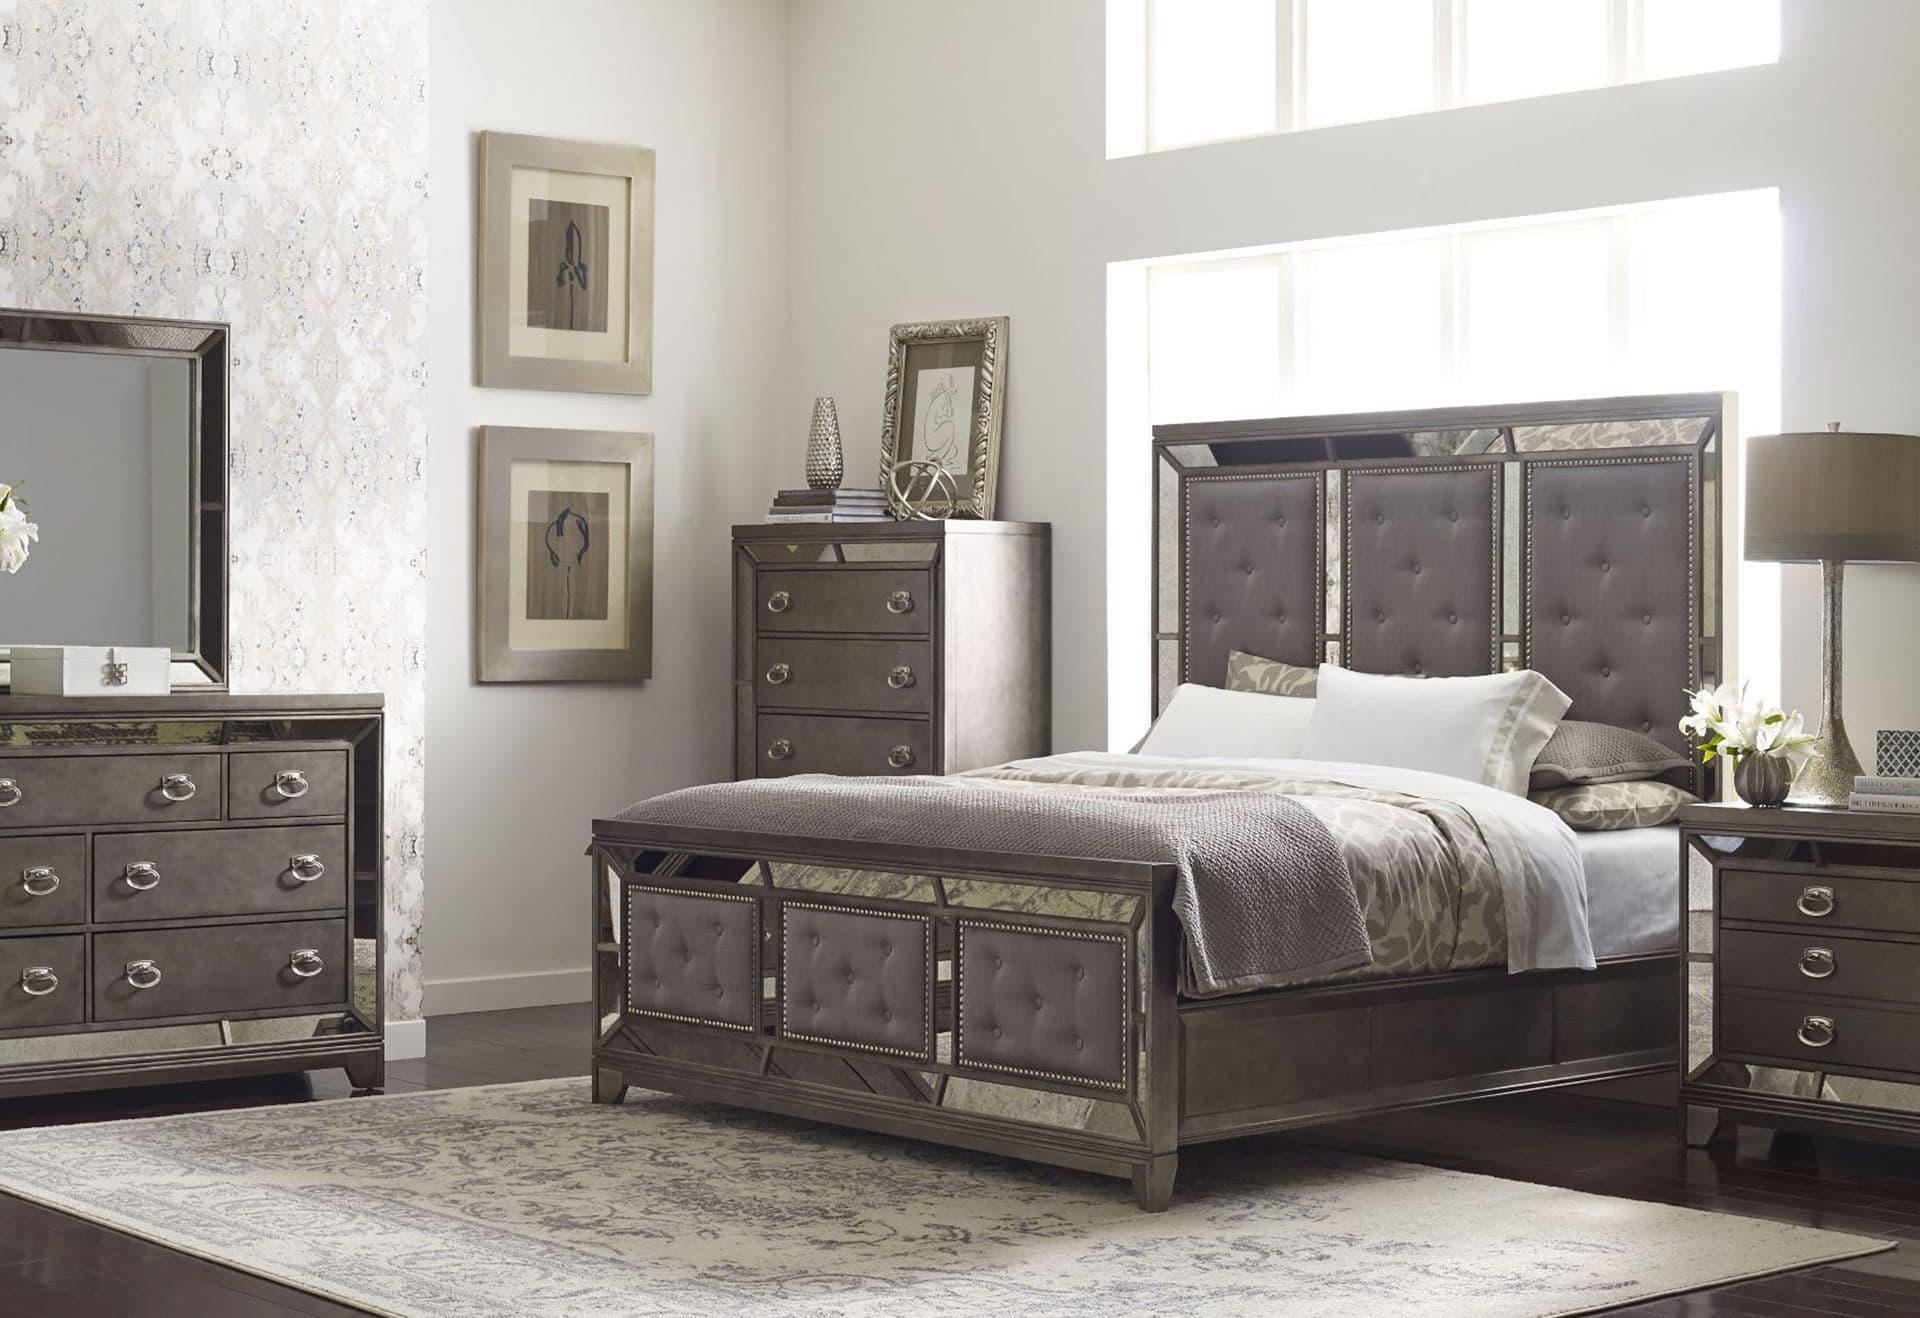 Warum sollten Sie eine Queen-Size-Matratze für Ihr Schlafzimmer wählen?